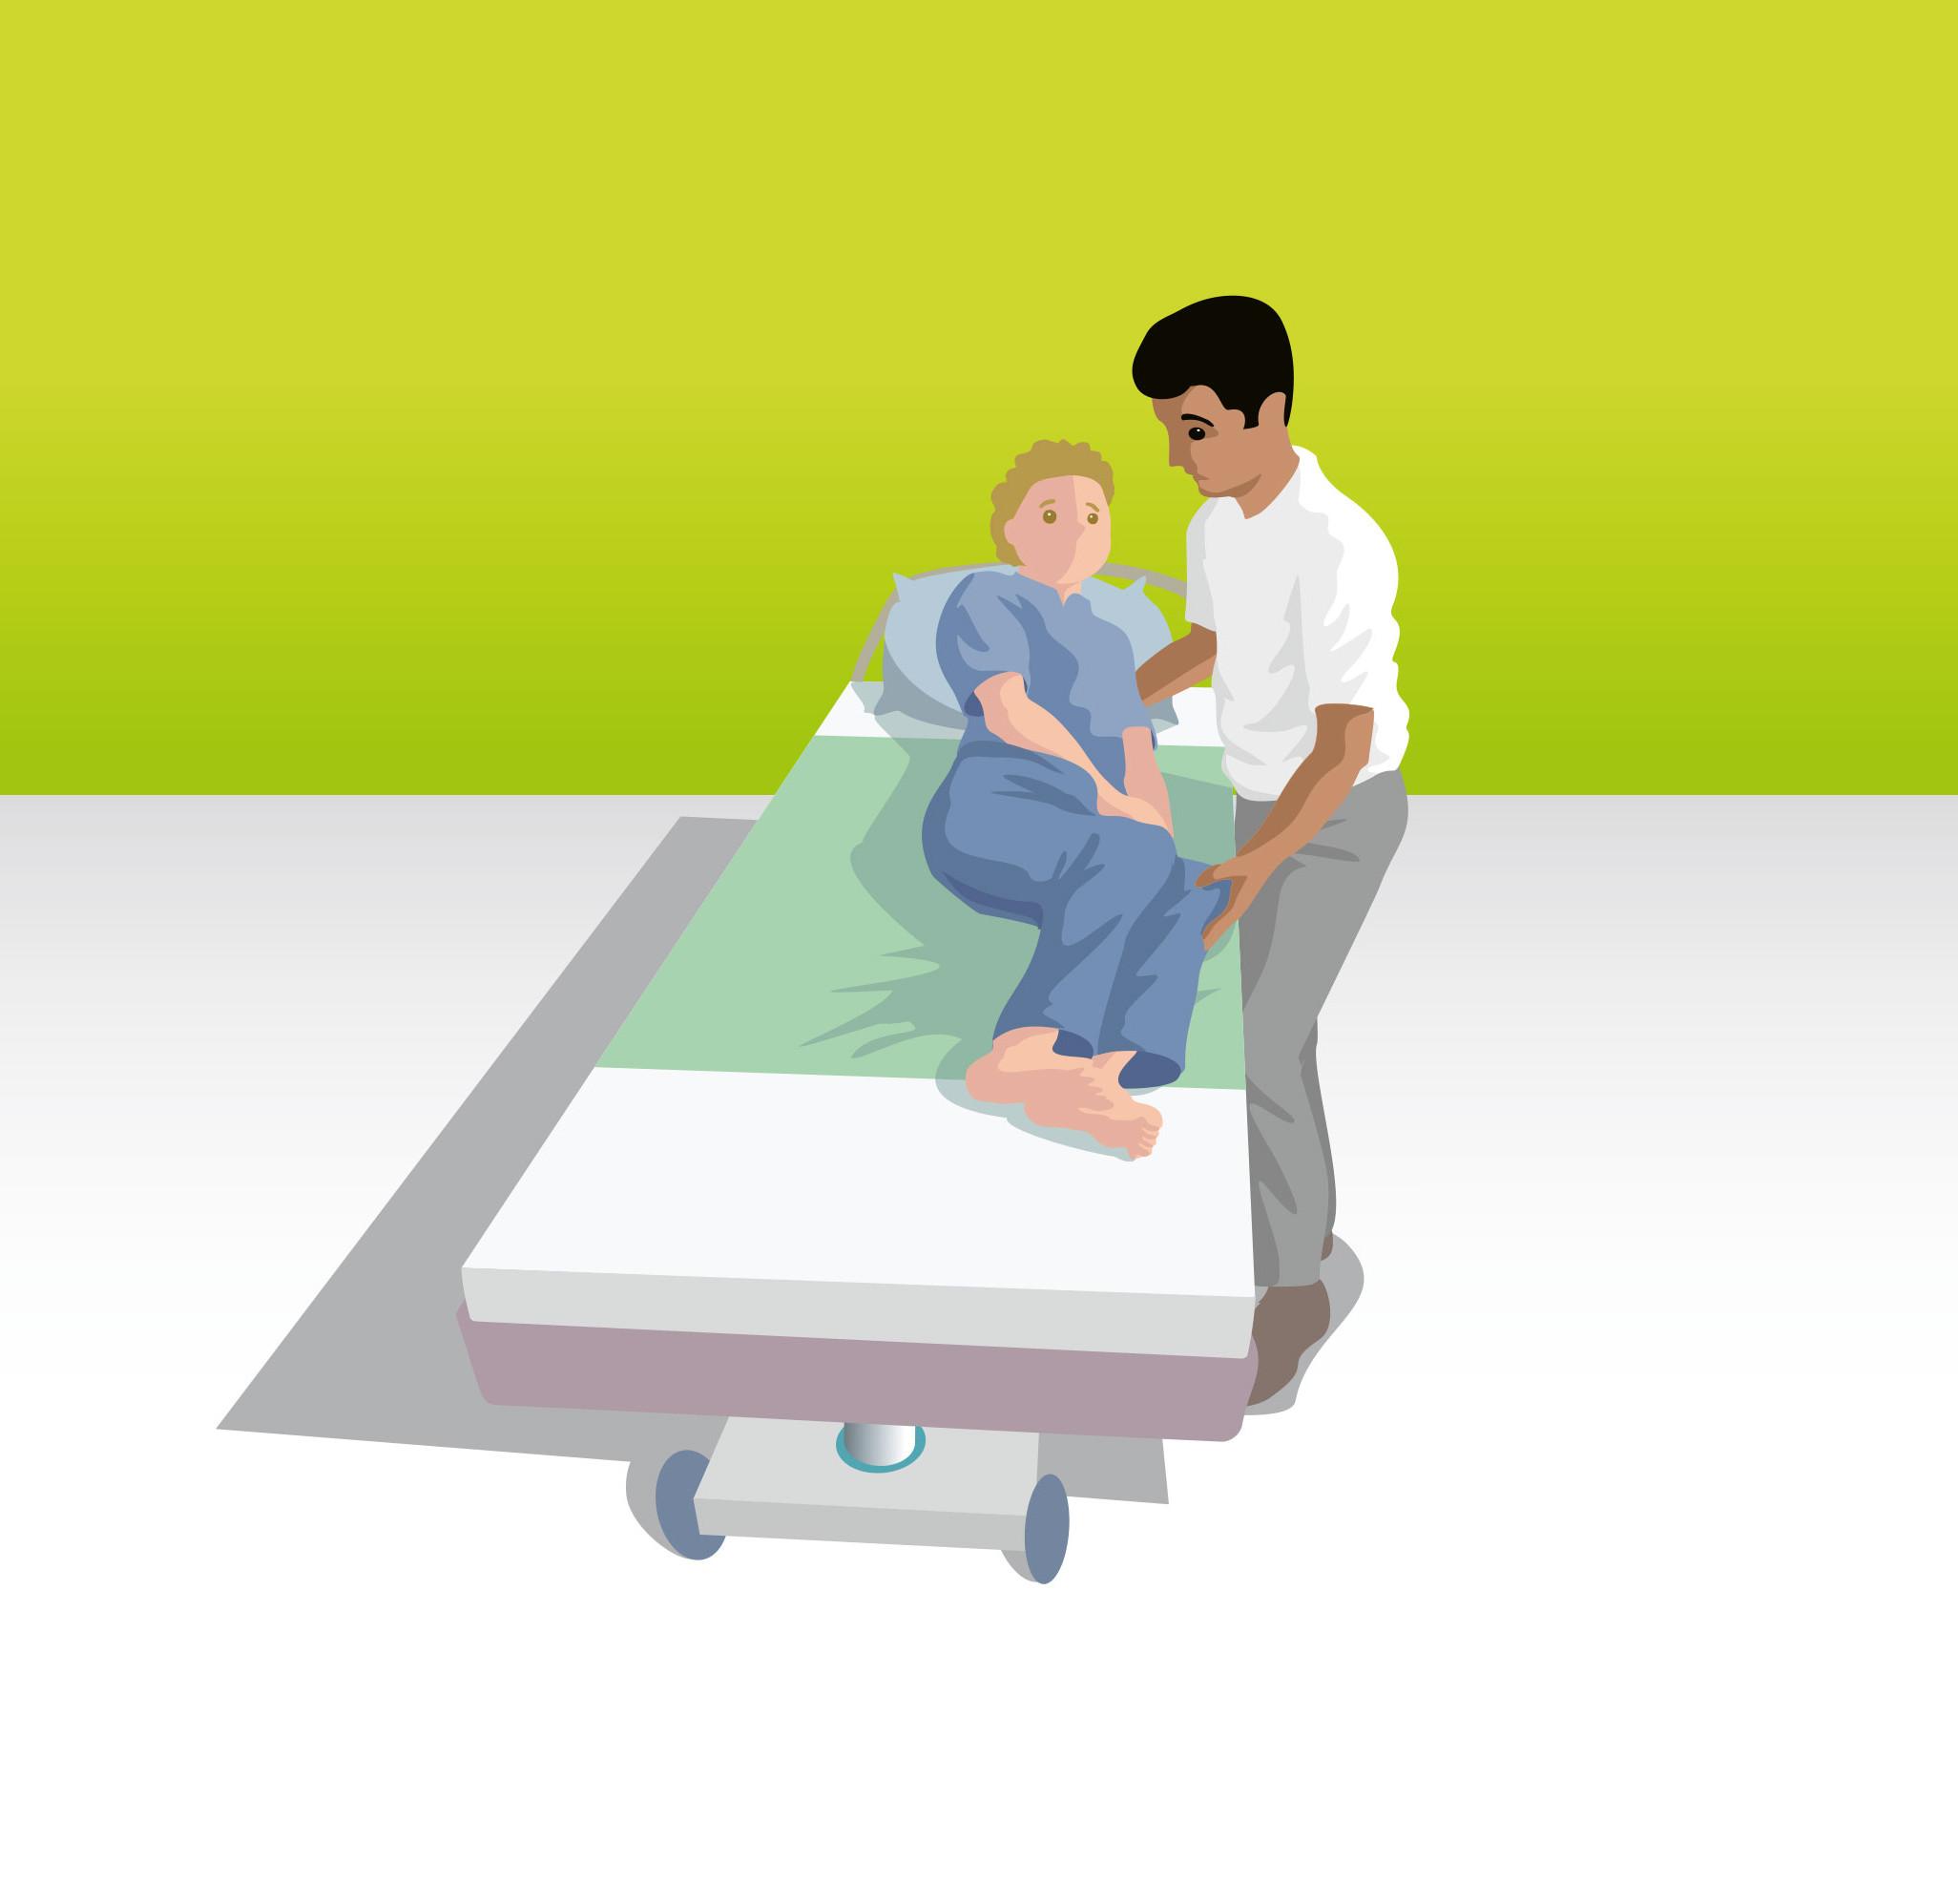 Von der Sitz- in die Liegeposition mit Hilfe des Rückengriffes